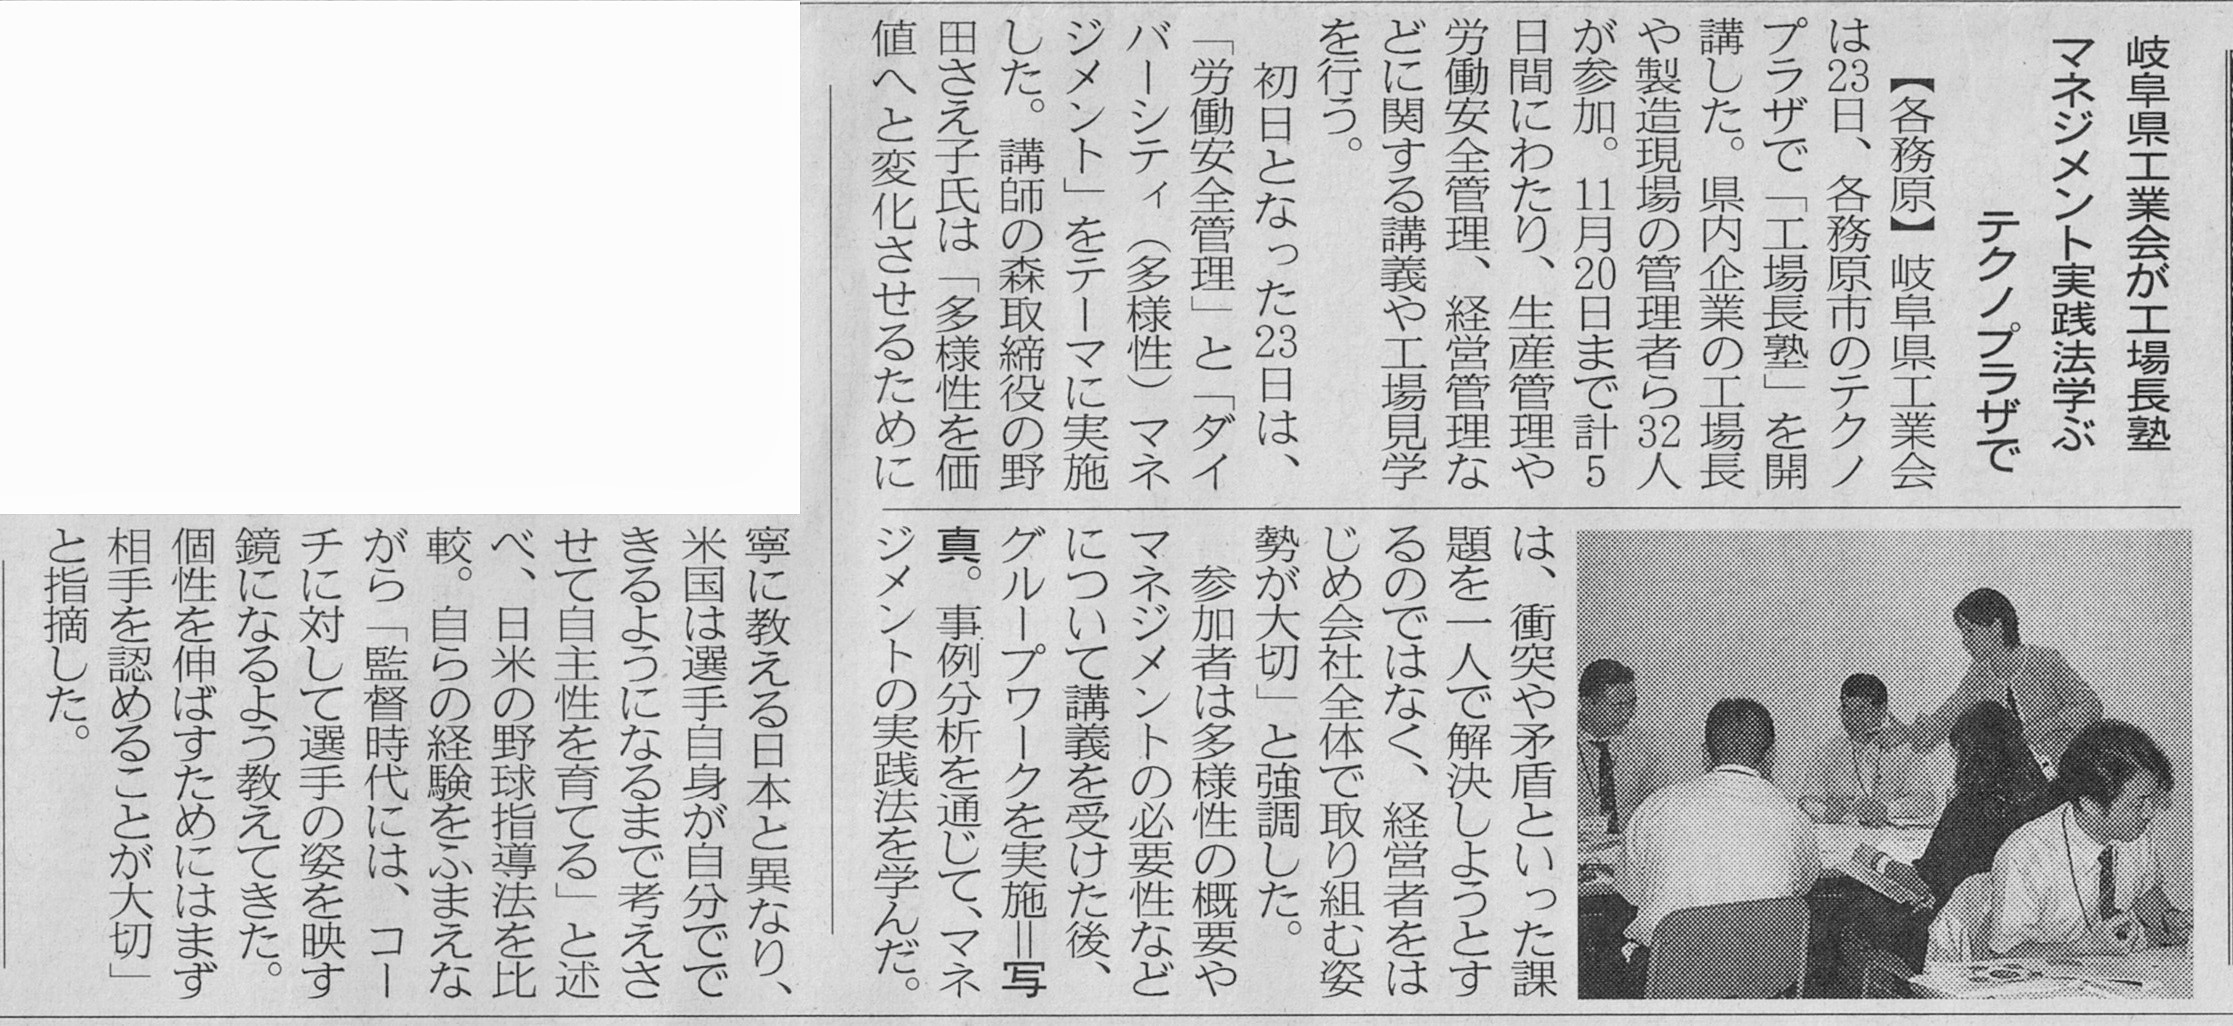 Nekkei20141024 JPEG